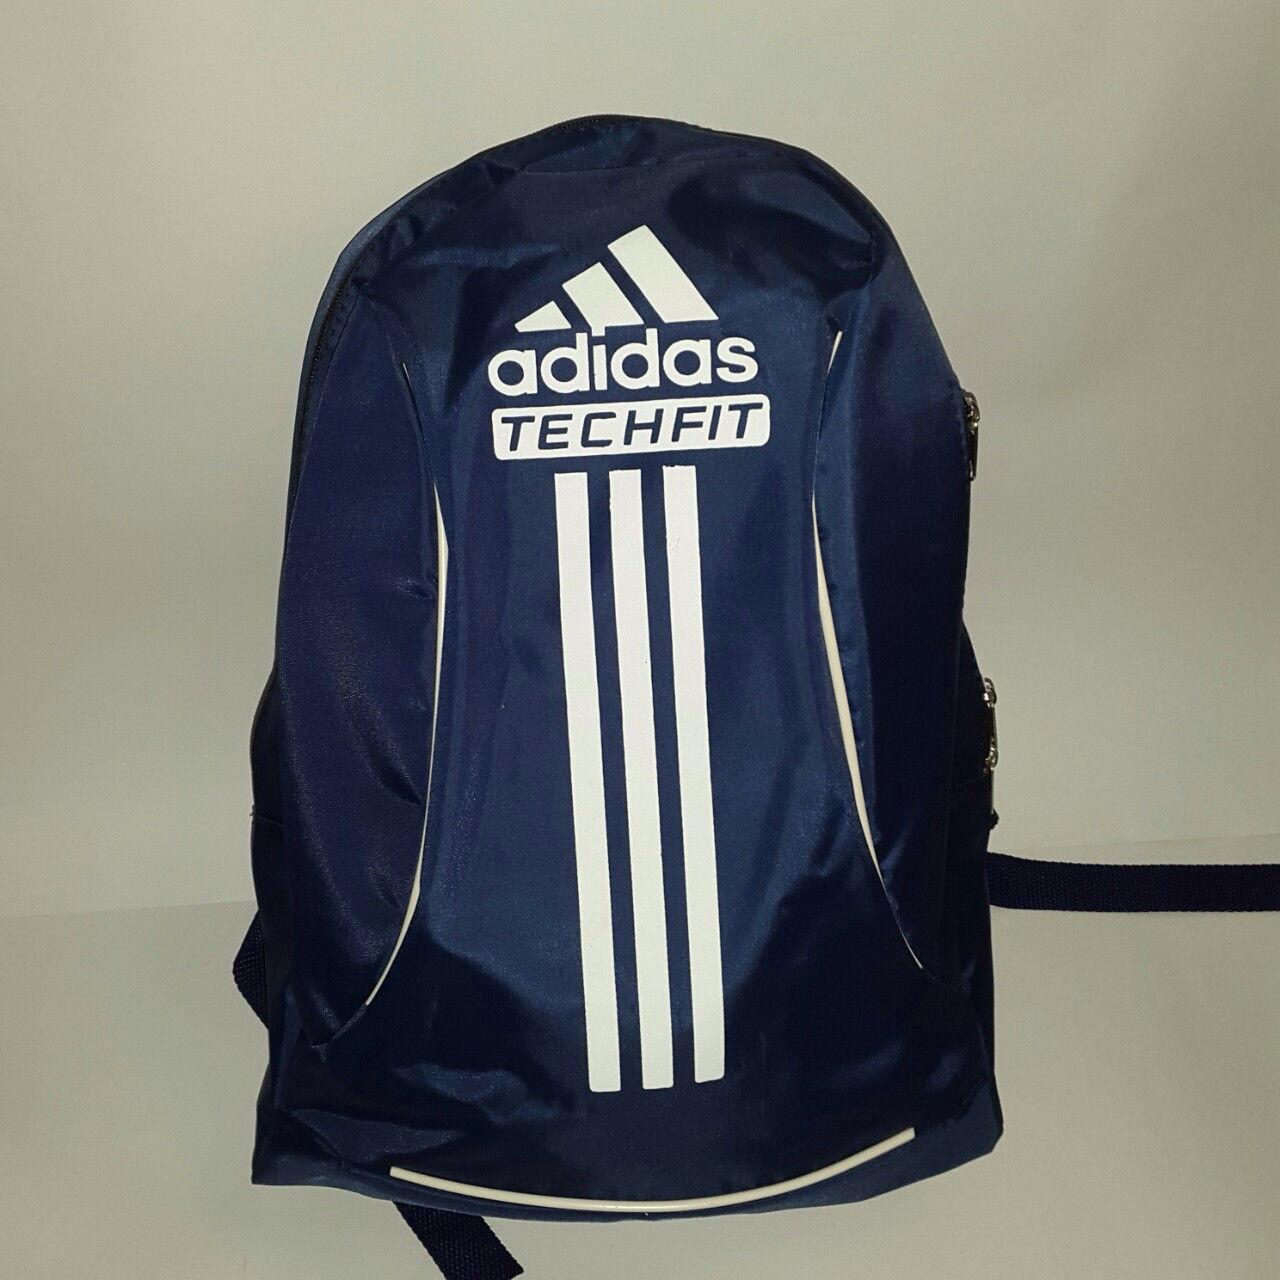 Рюкзак спортивный Adidas TechFit, Адидас Течфит синий с белой надписью ( код: IBR058ZO )